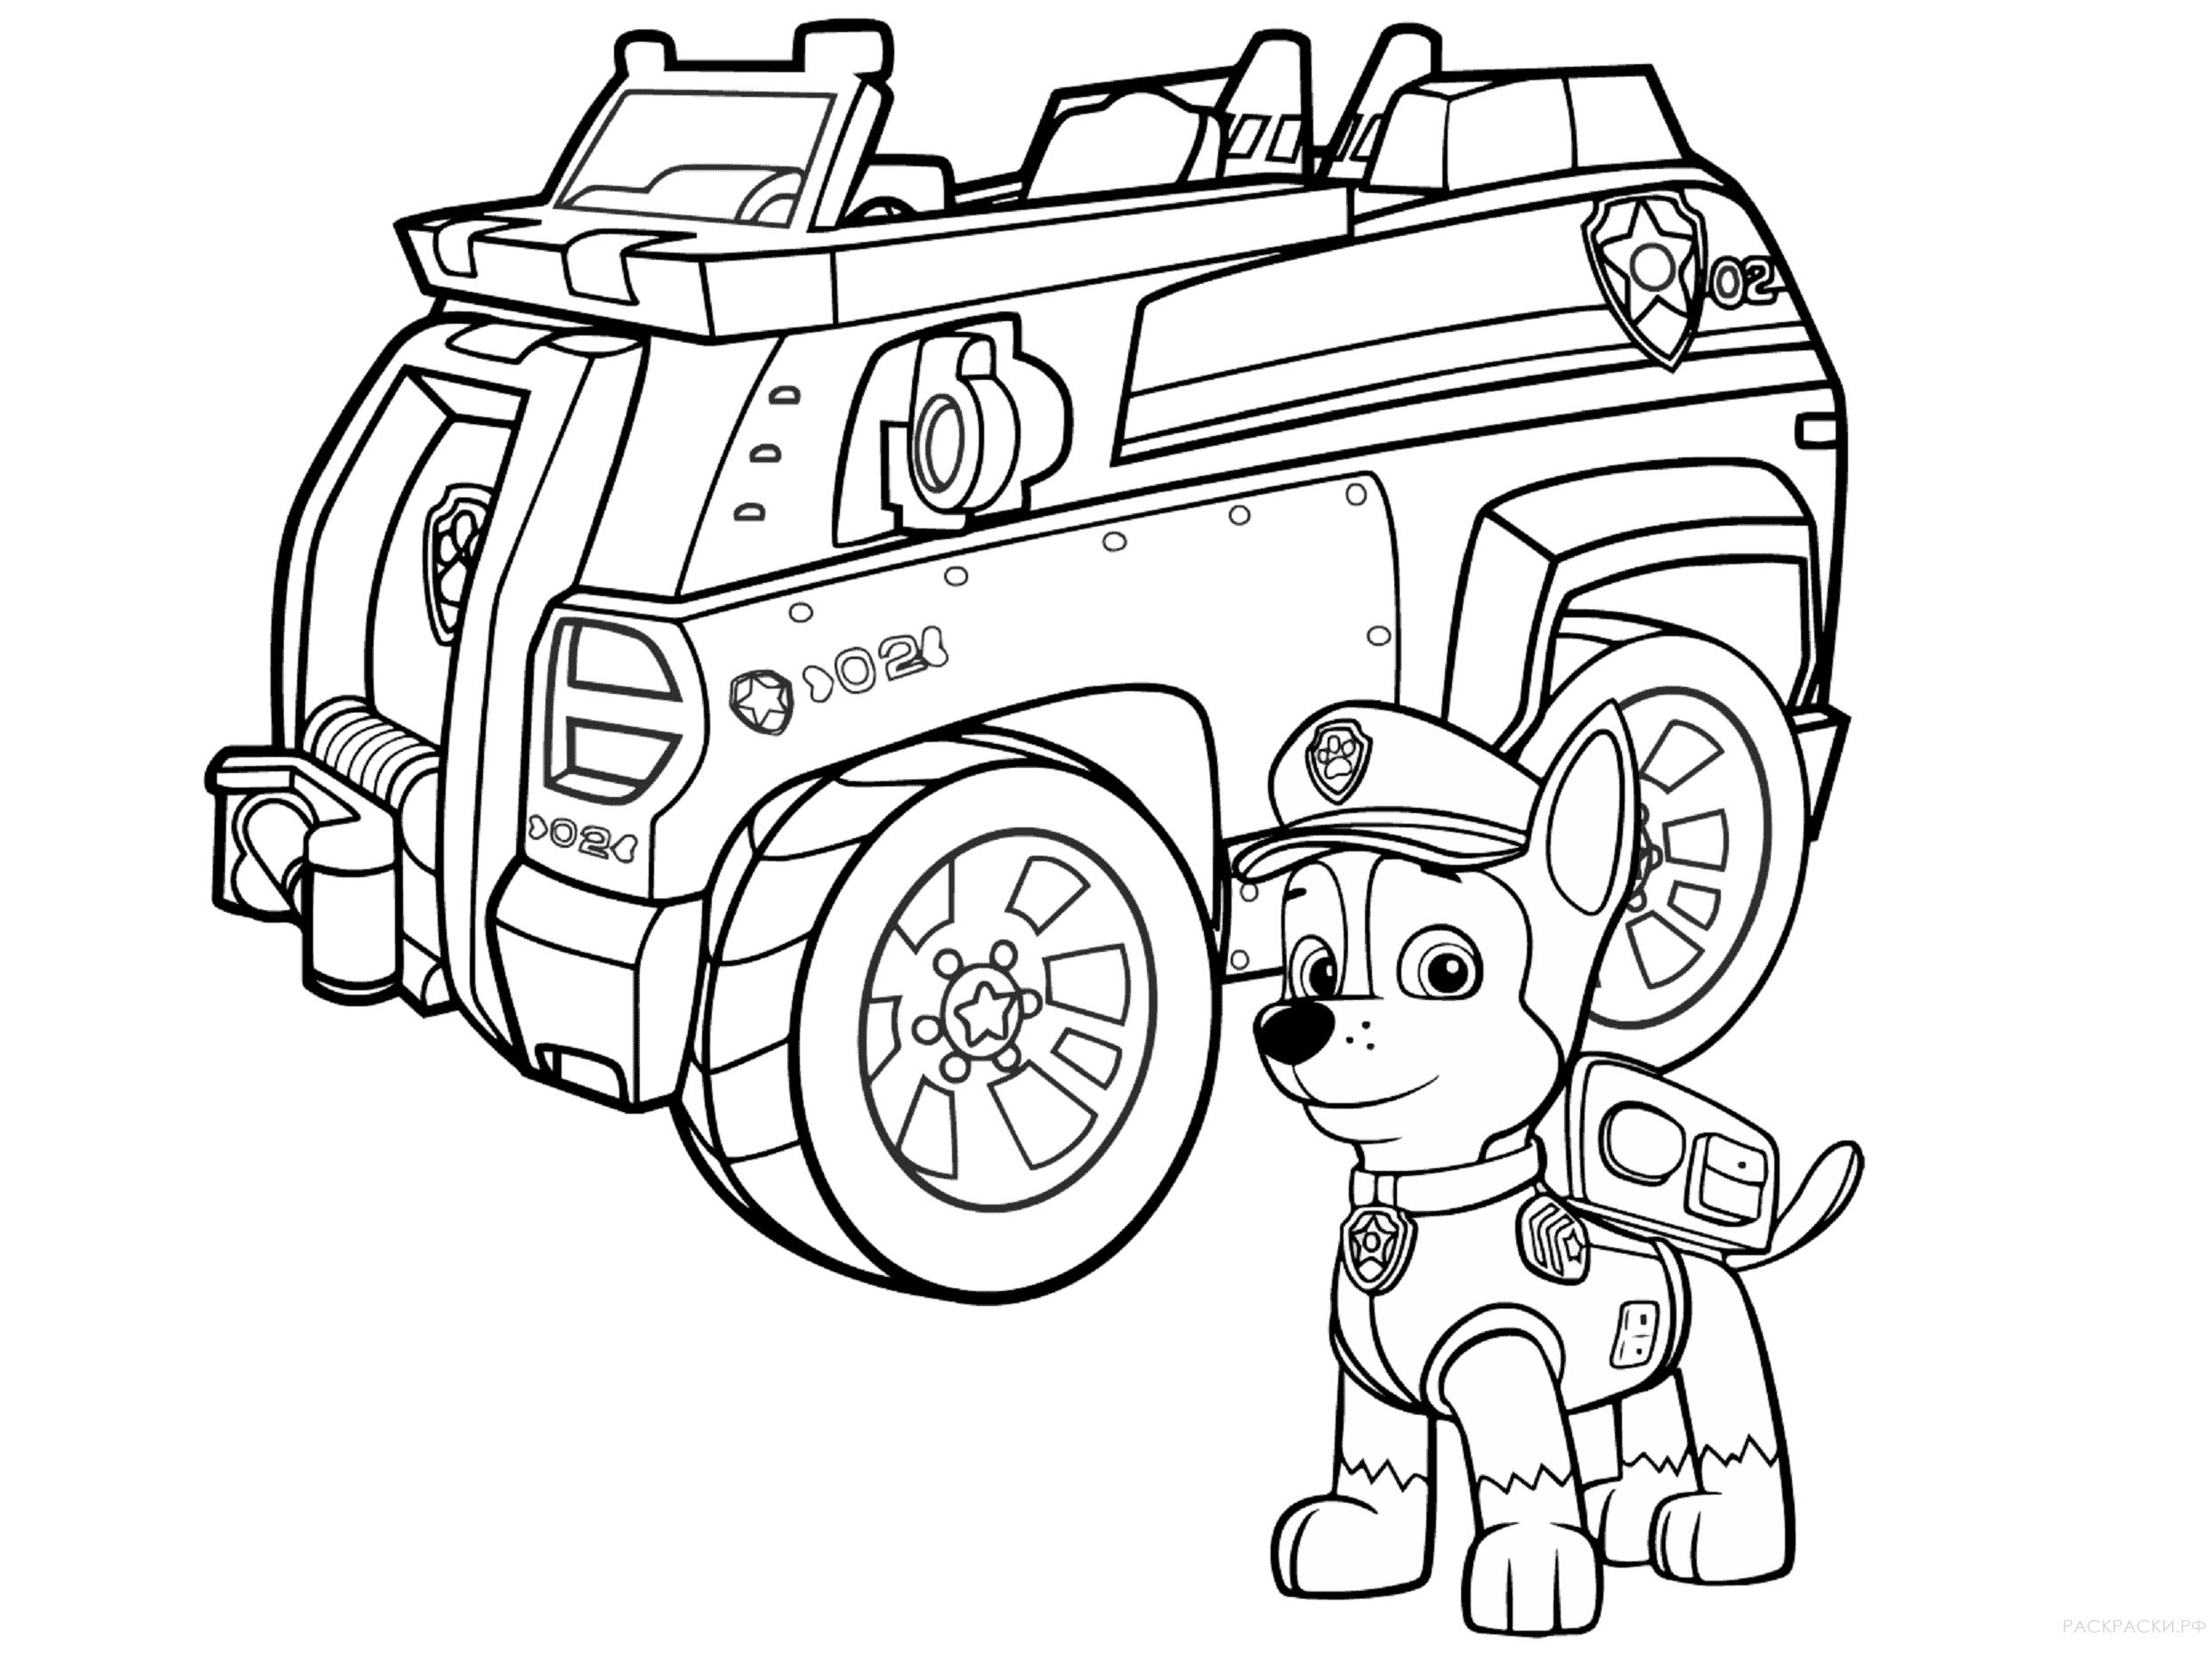 Раскраска Полицейская машина Гонщика из Щенячьего патруля ...